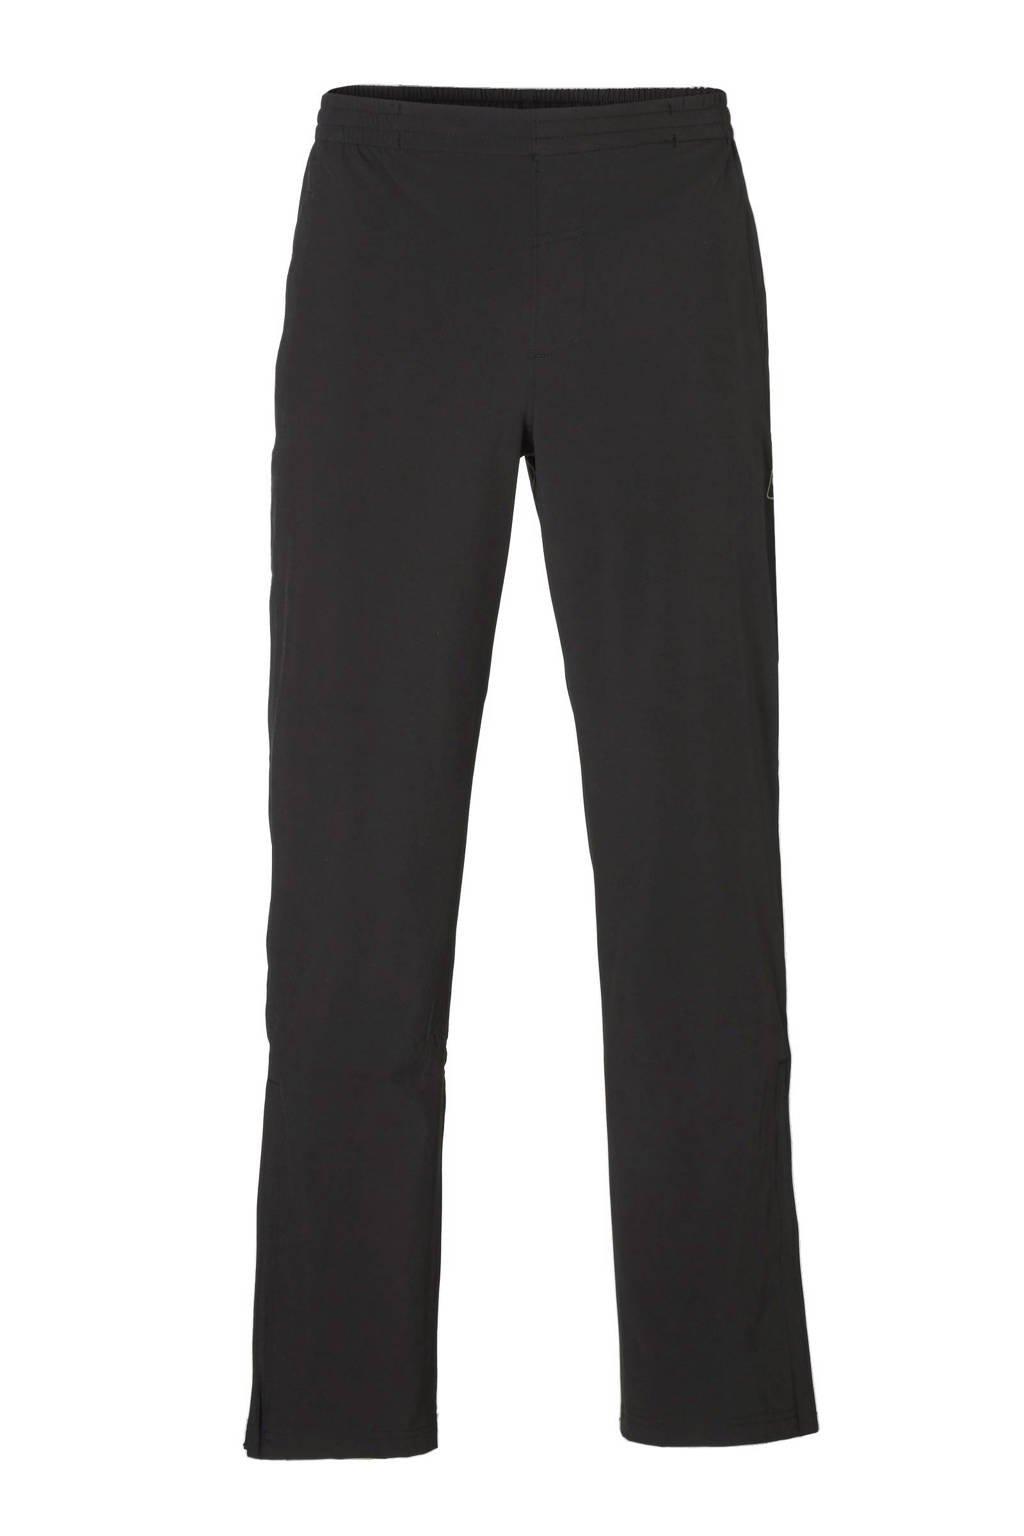 Sjeng Sports   broek Valencia zwart, Zwart